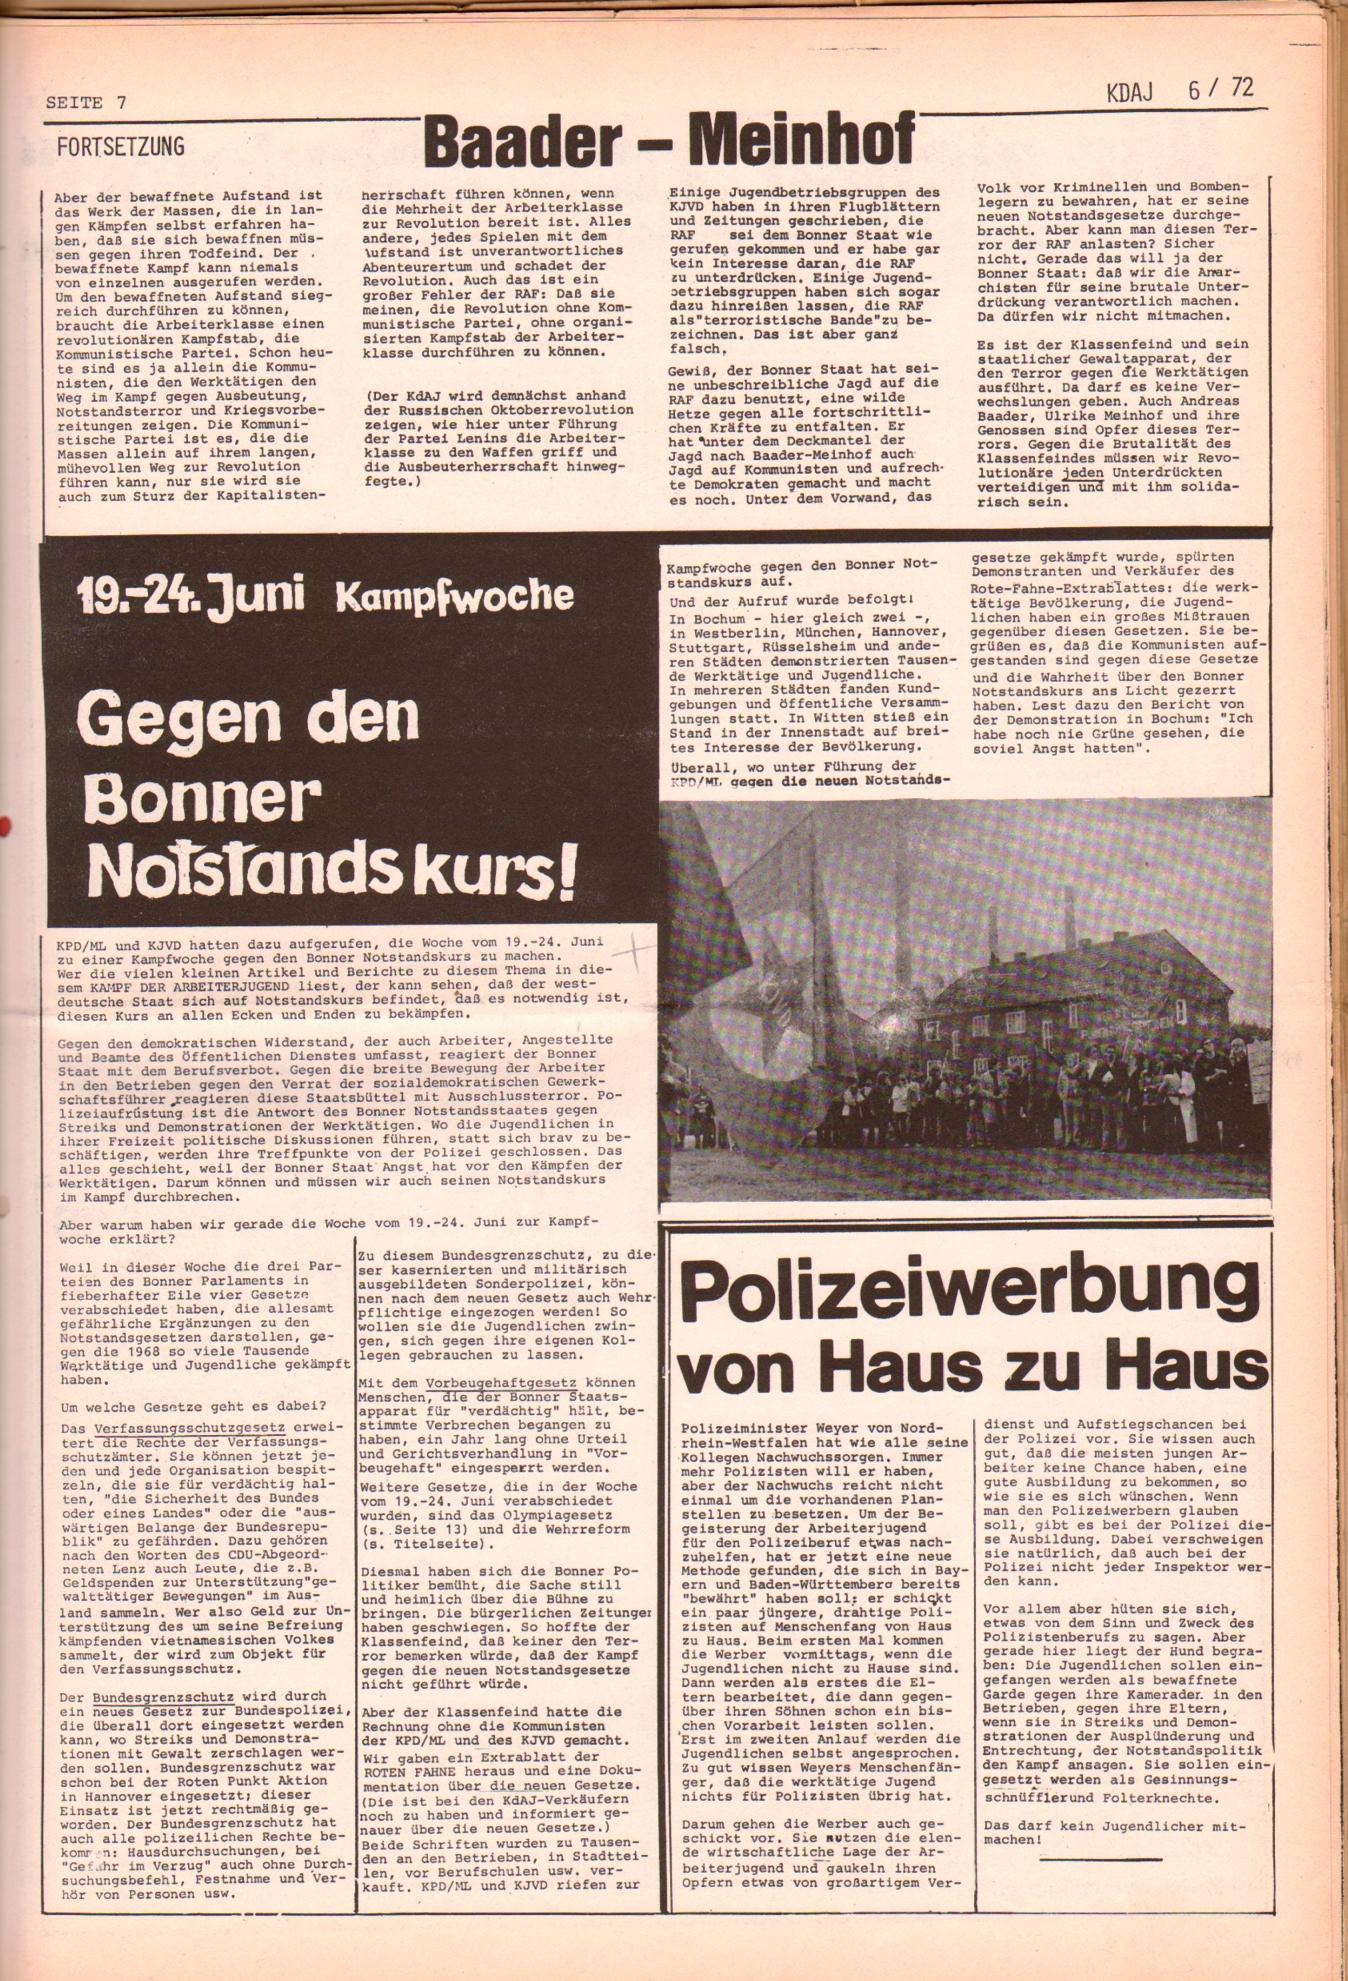 KDAJ, 3. Jg., Juli 1972, Nr. 6, Seite 7